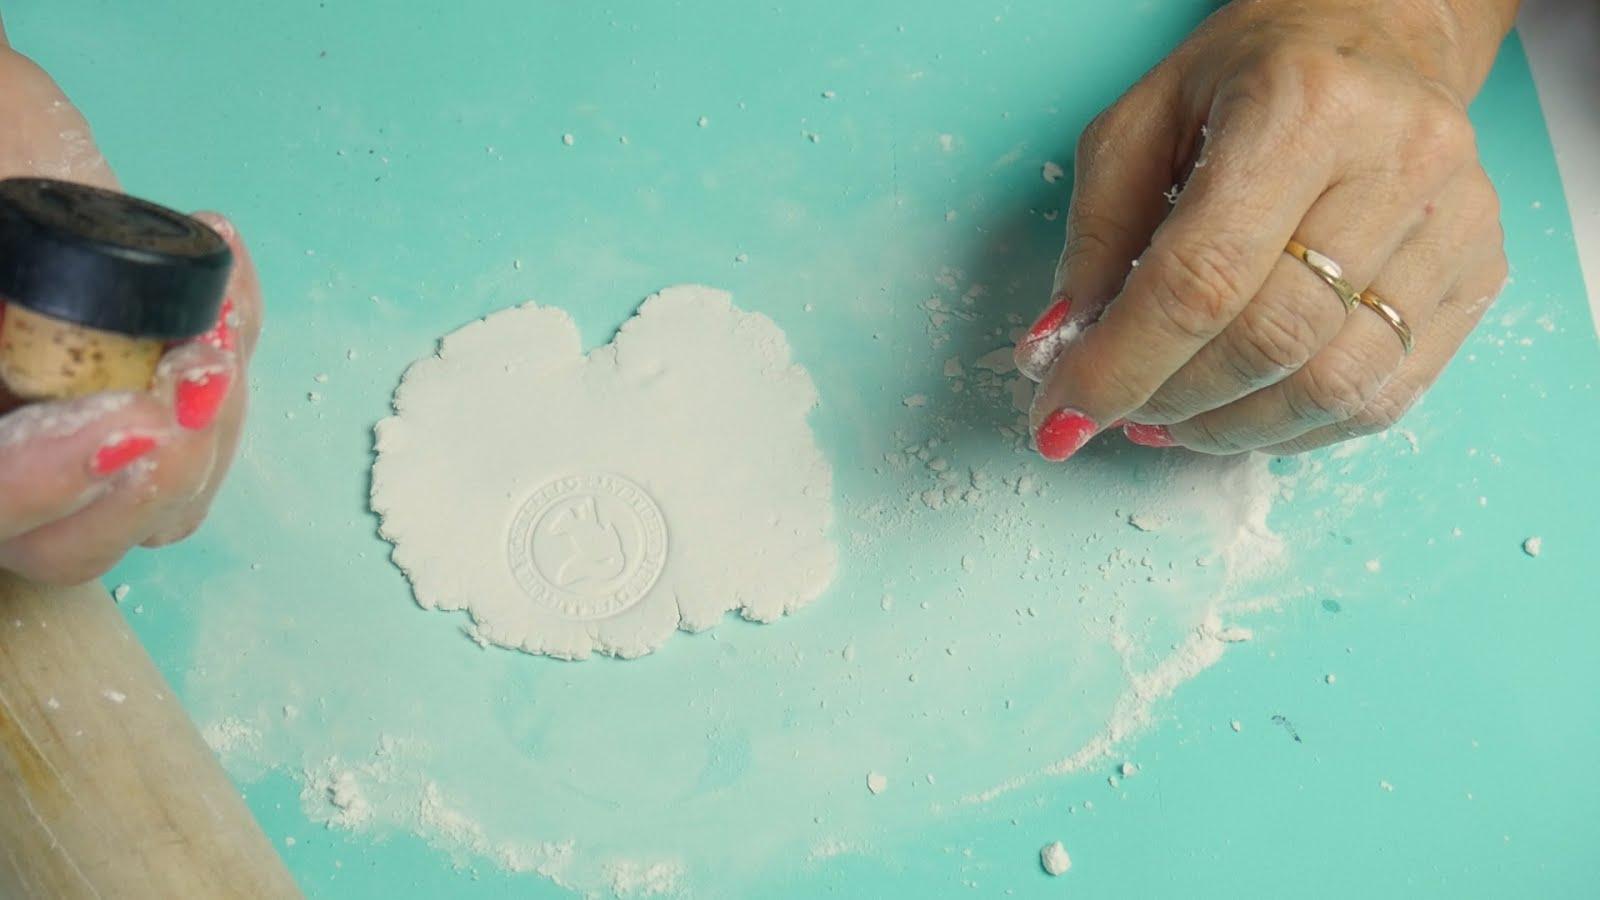 Moderno Uñas Y El Diseño De Punta Blanca Bandera - Ideas Para Pintar ...